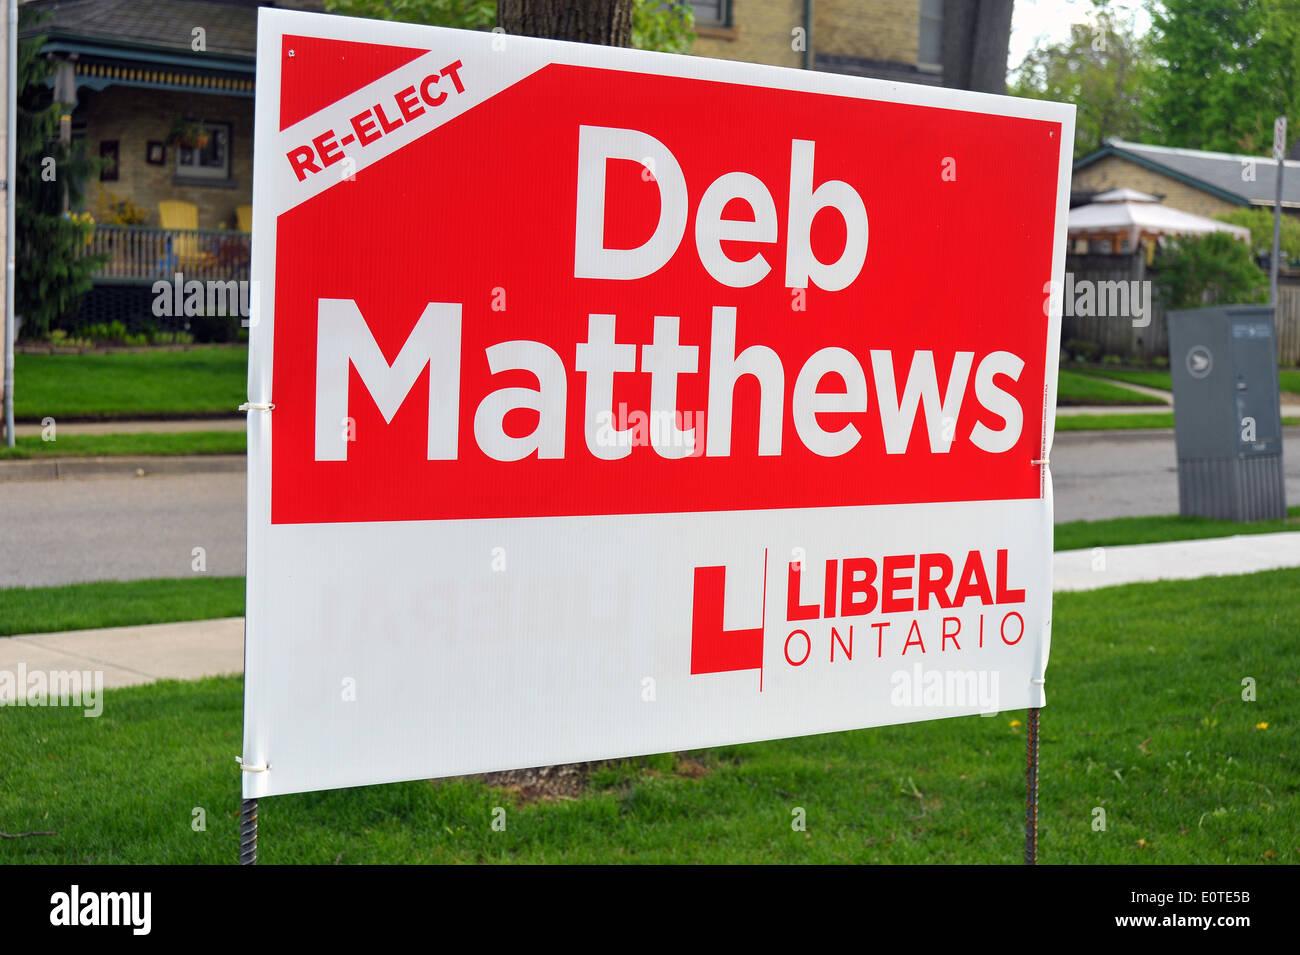 ontario election sign for london liberal politician deb matthews